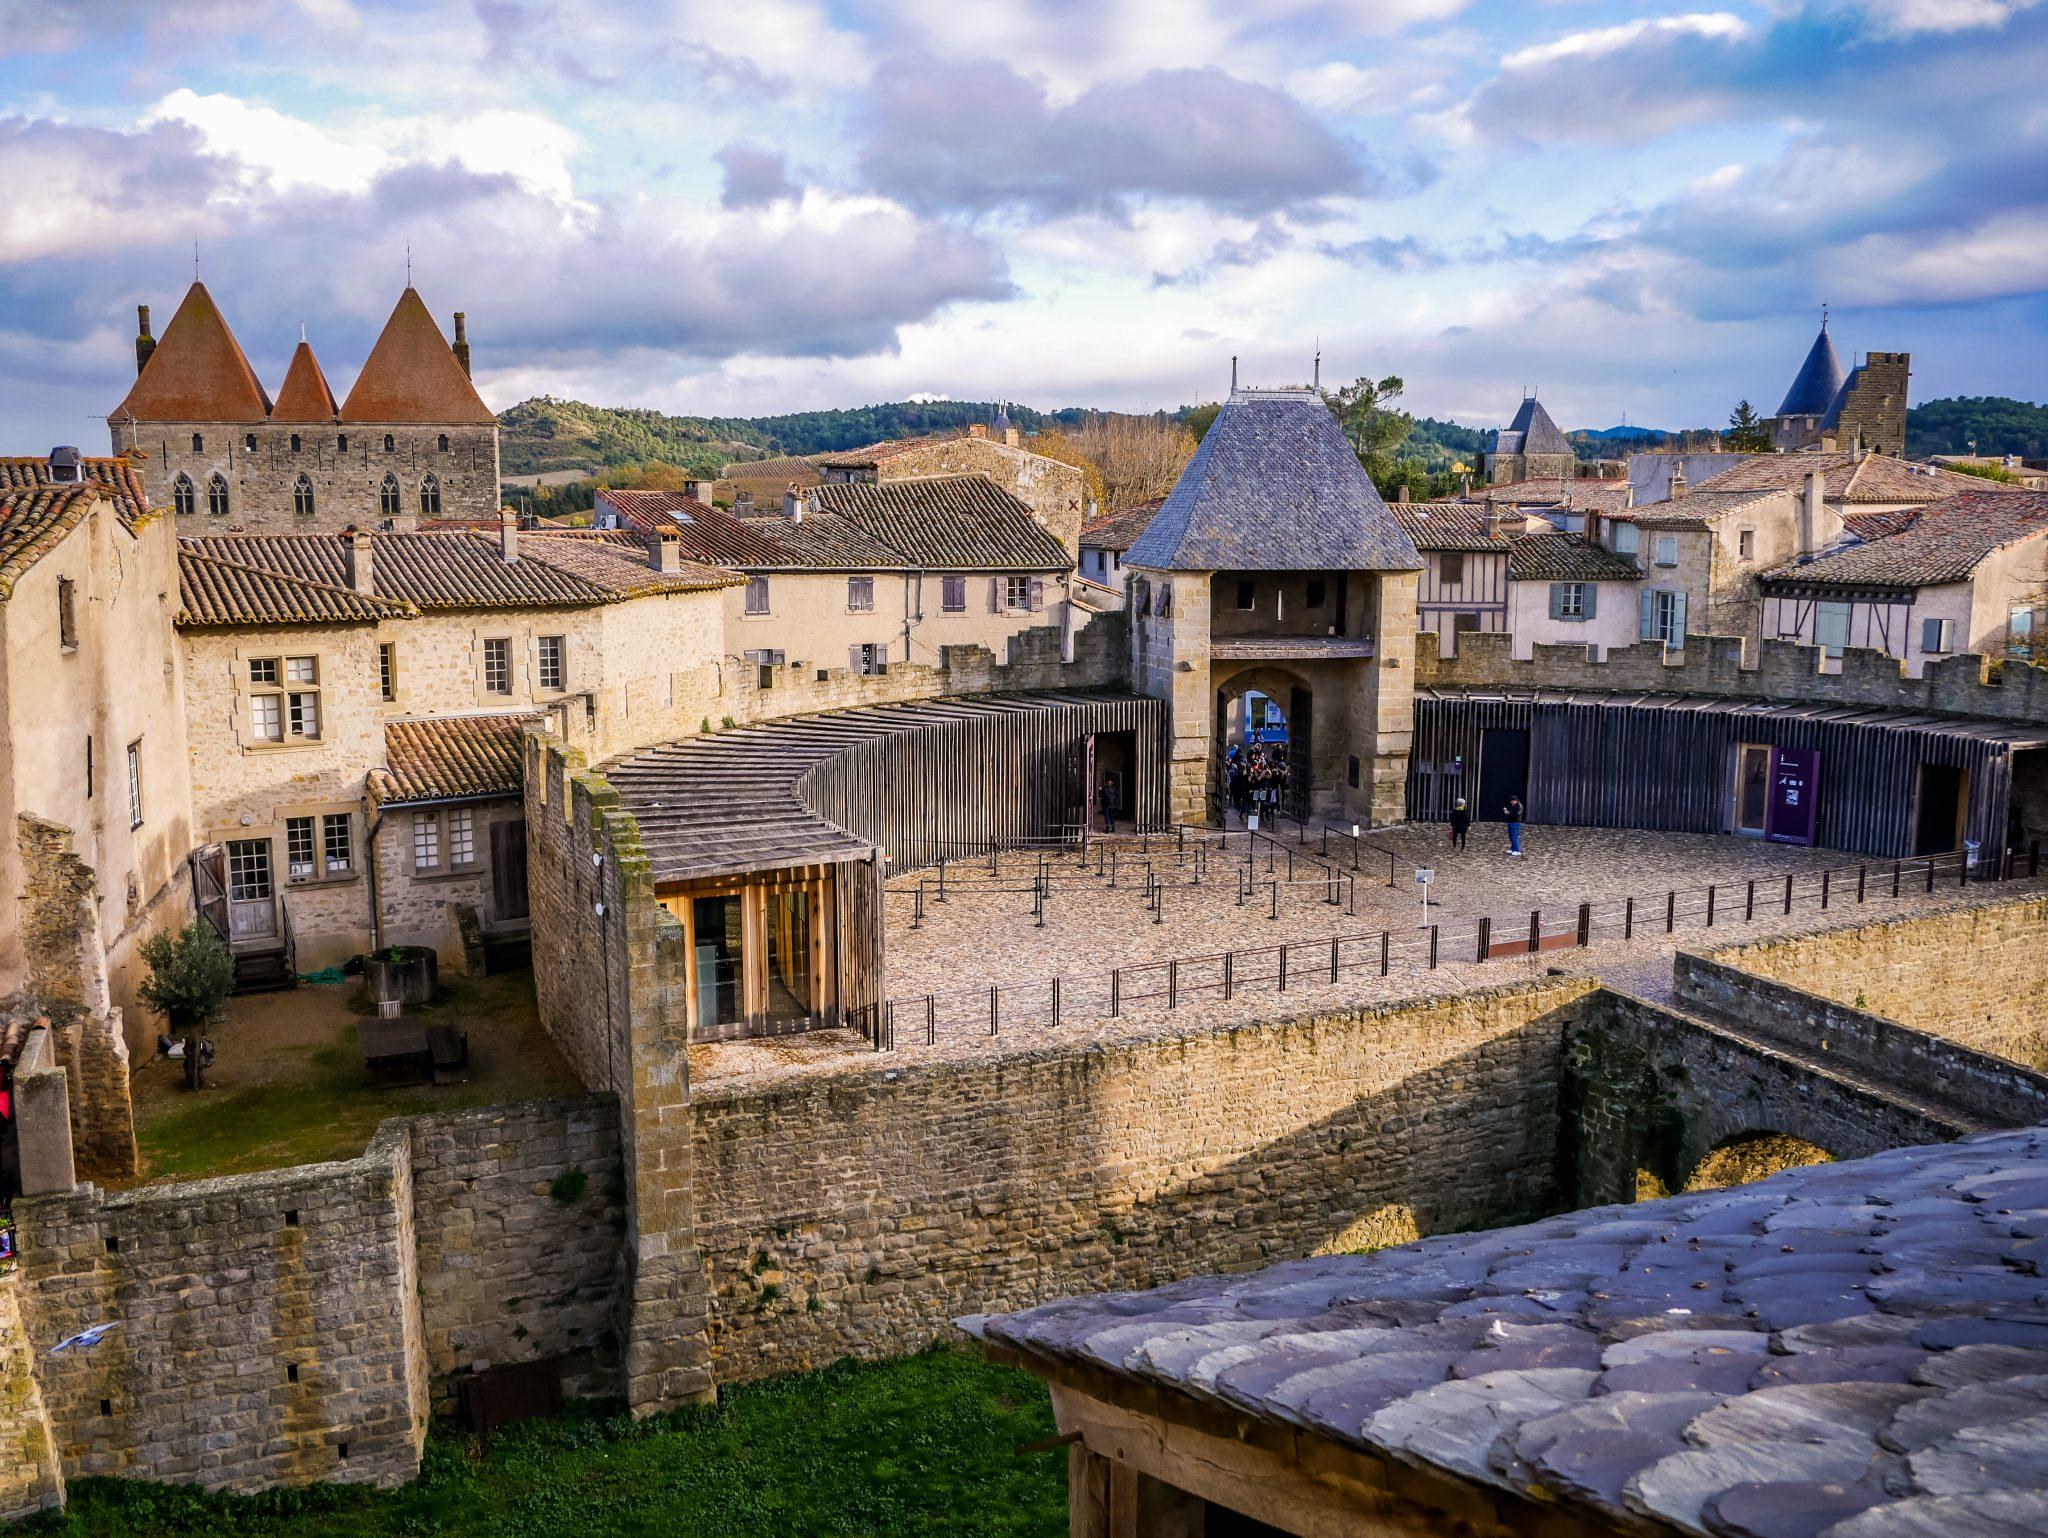 Dies ist der Haupteingang zum Schloss, wo du dein Ticket kaufst und deine Tasche kontrolliert wird.